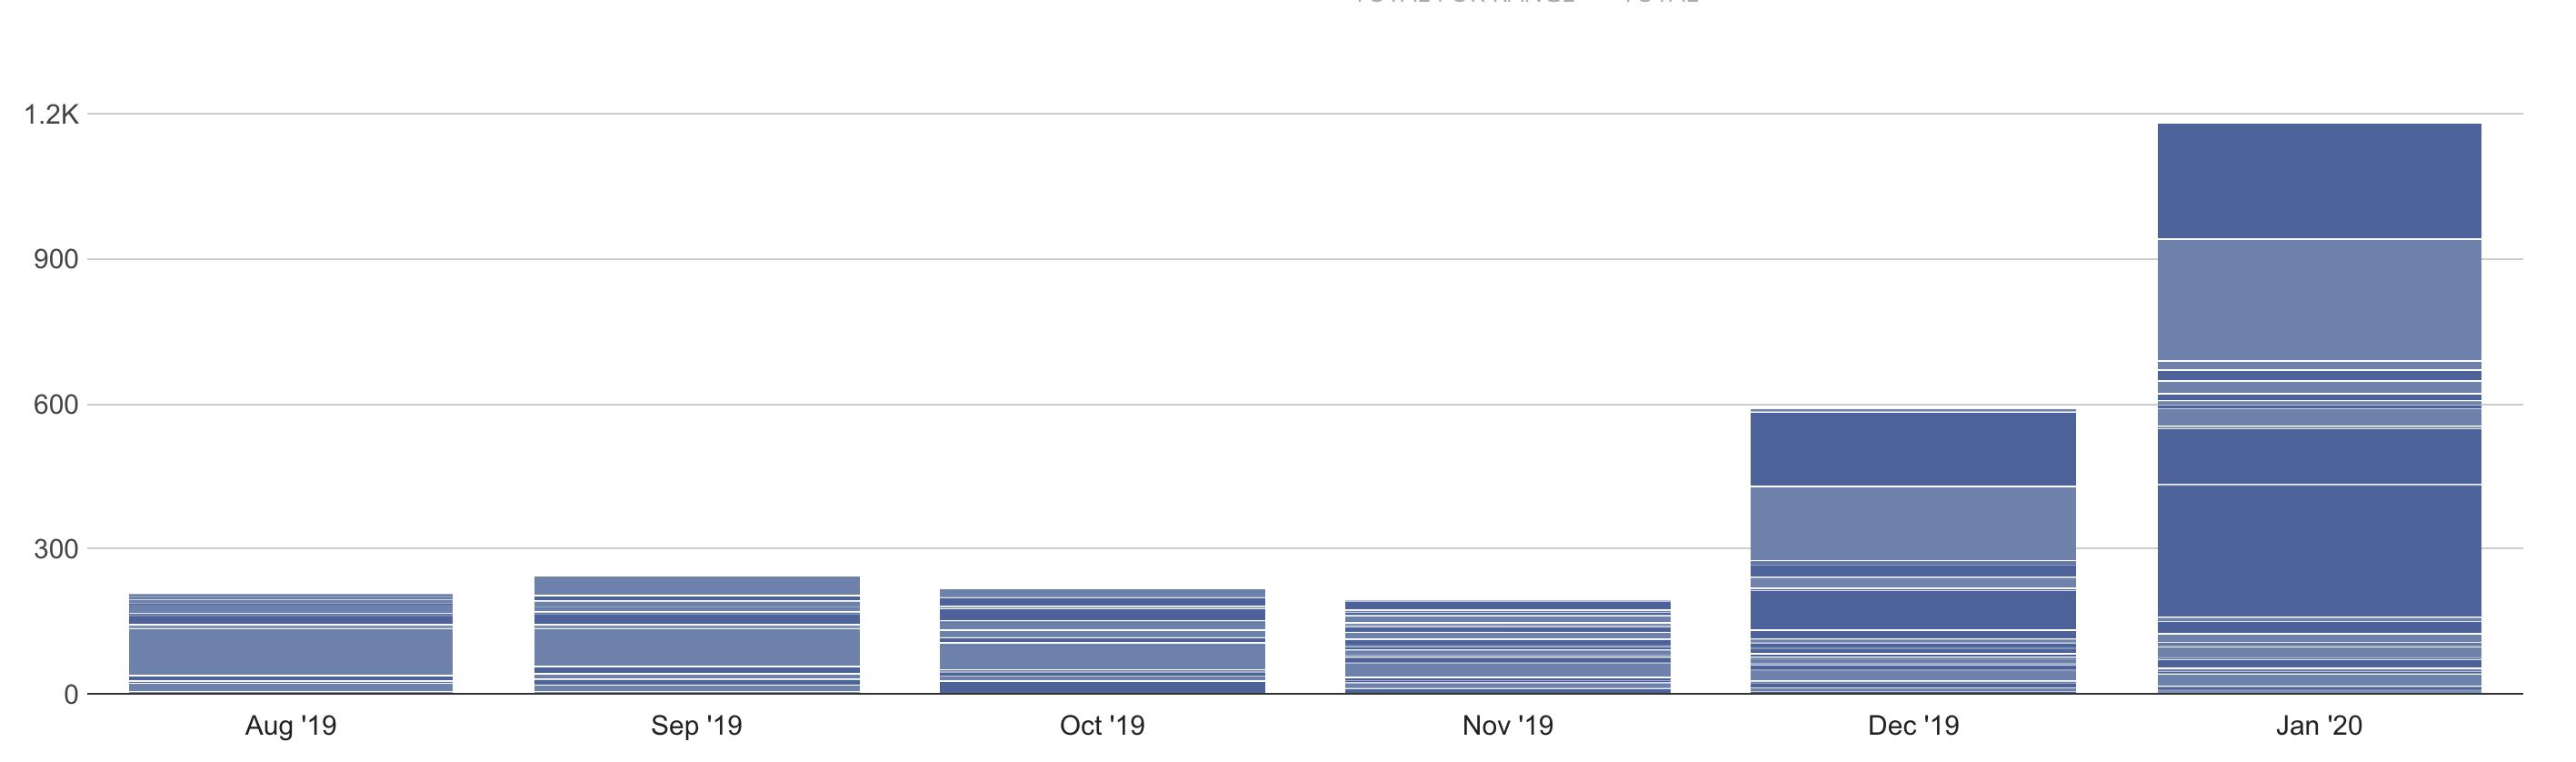 Our Matt Molen Email on Autopilot Results from Converkit